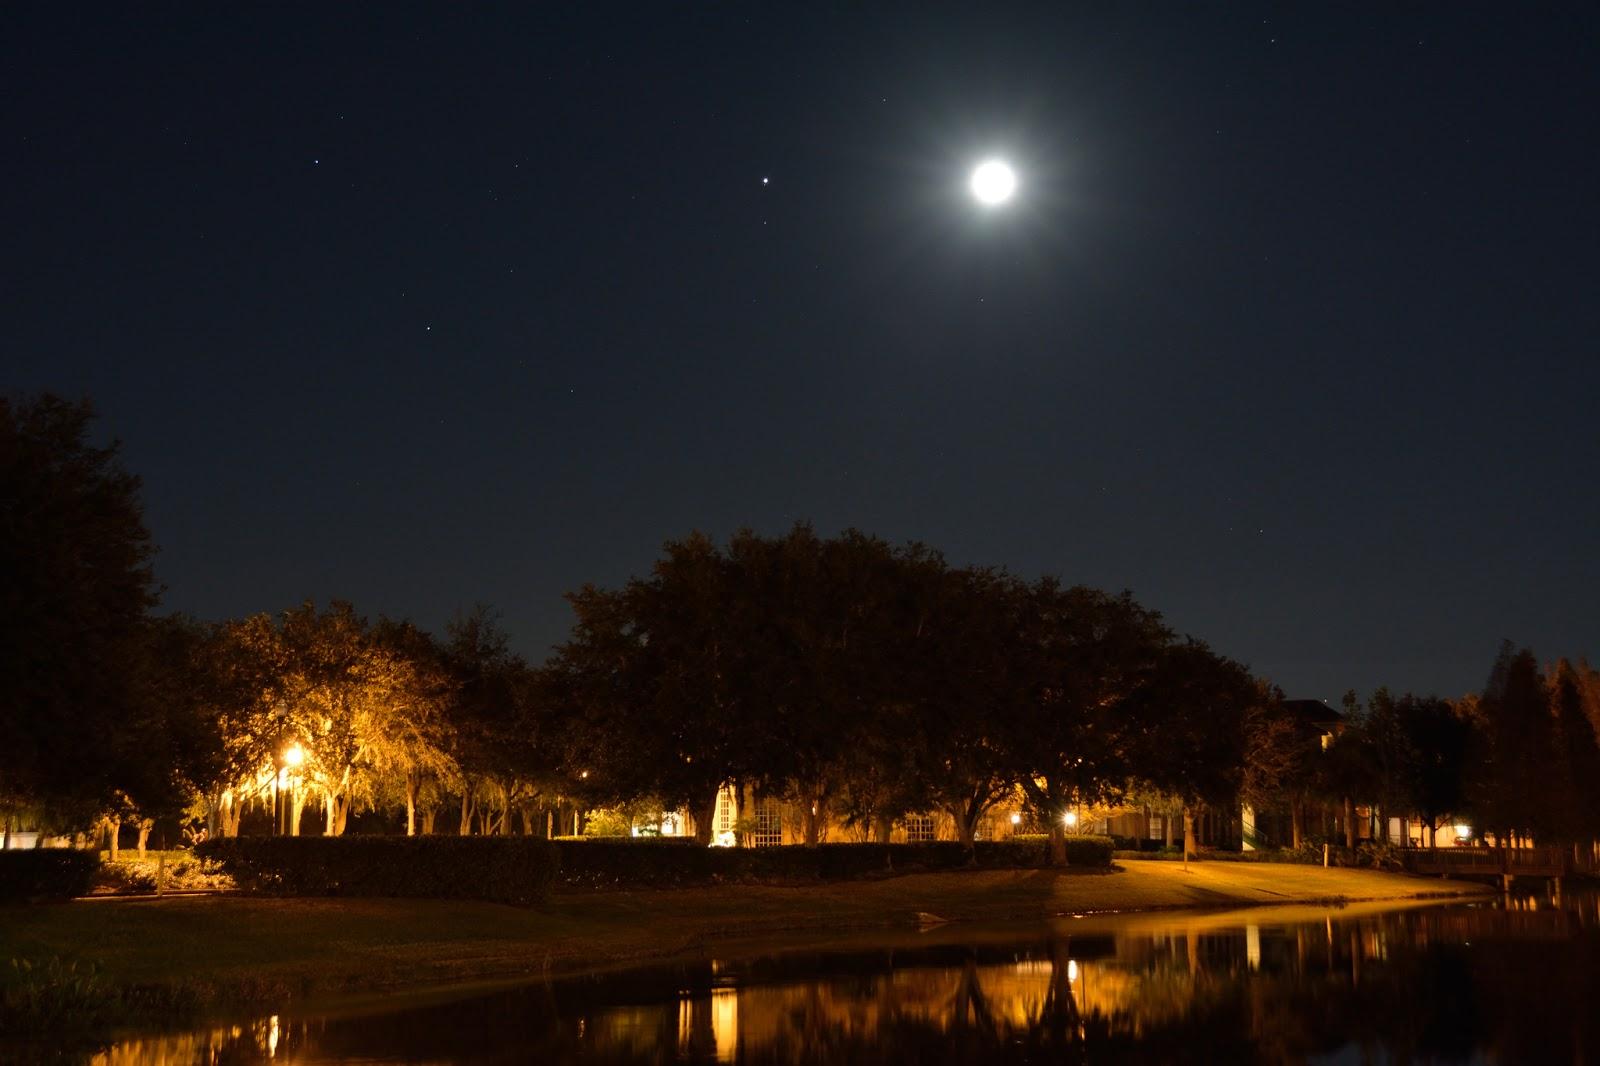 Mặt Trăng cùng chòm sao Gemini tối 18/12/2013. Tác giả : AMN Photography Studio.